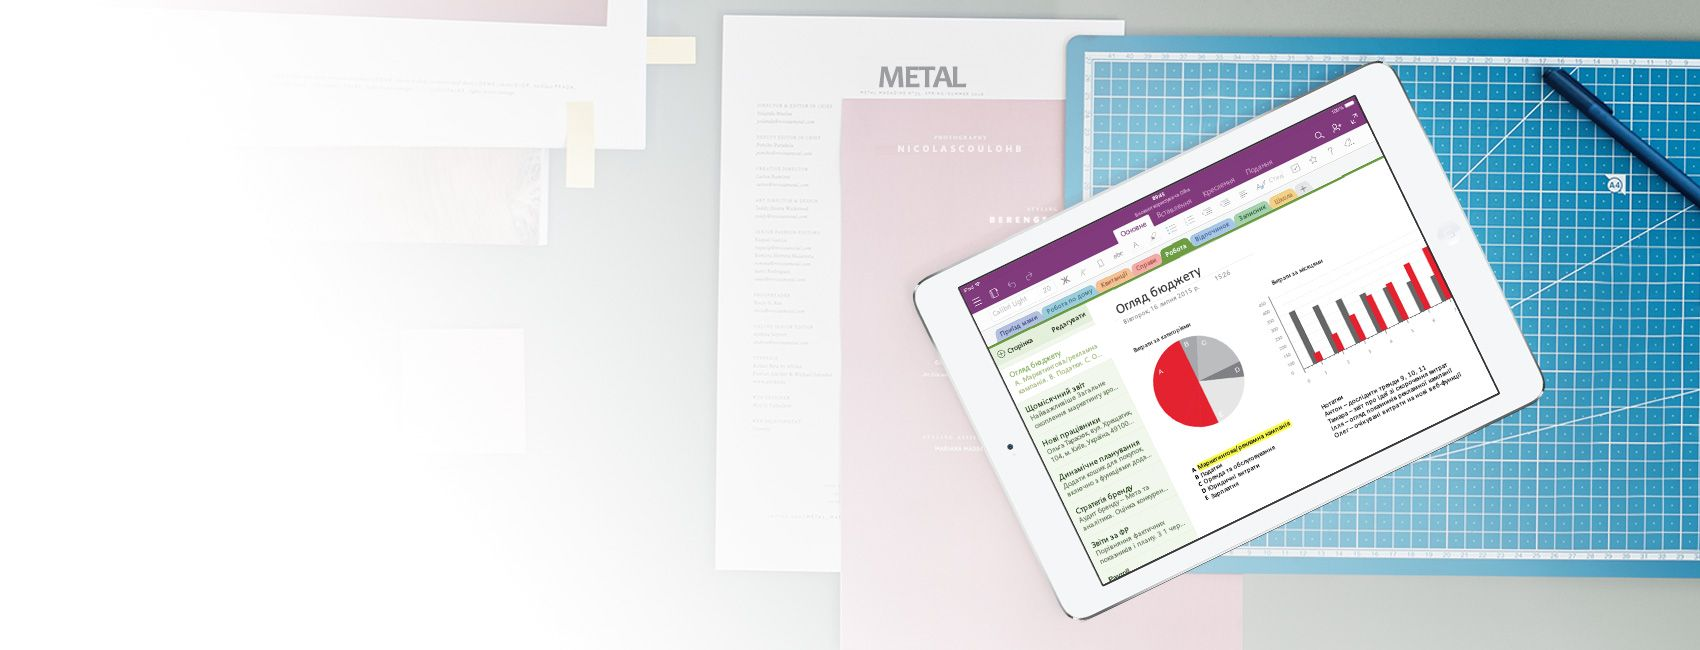 Планшет iPad, на якому відкрито блокнот OneNote із графіками та діаграмами відомостей про бюджет